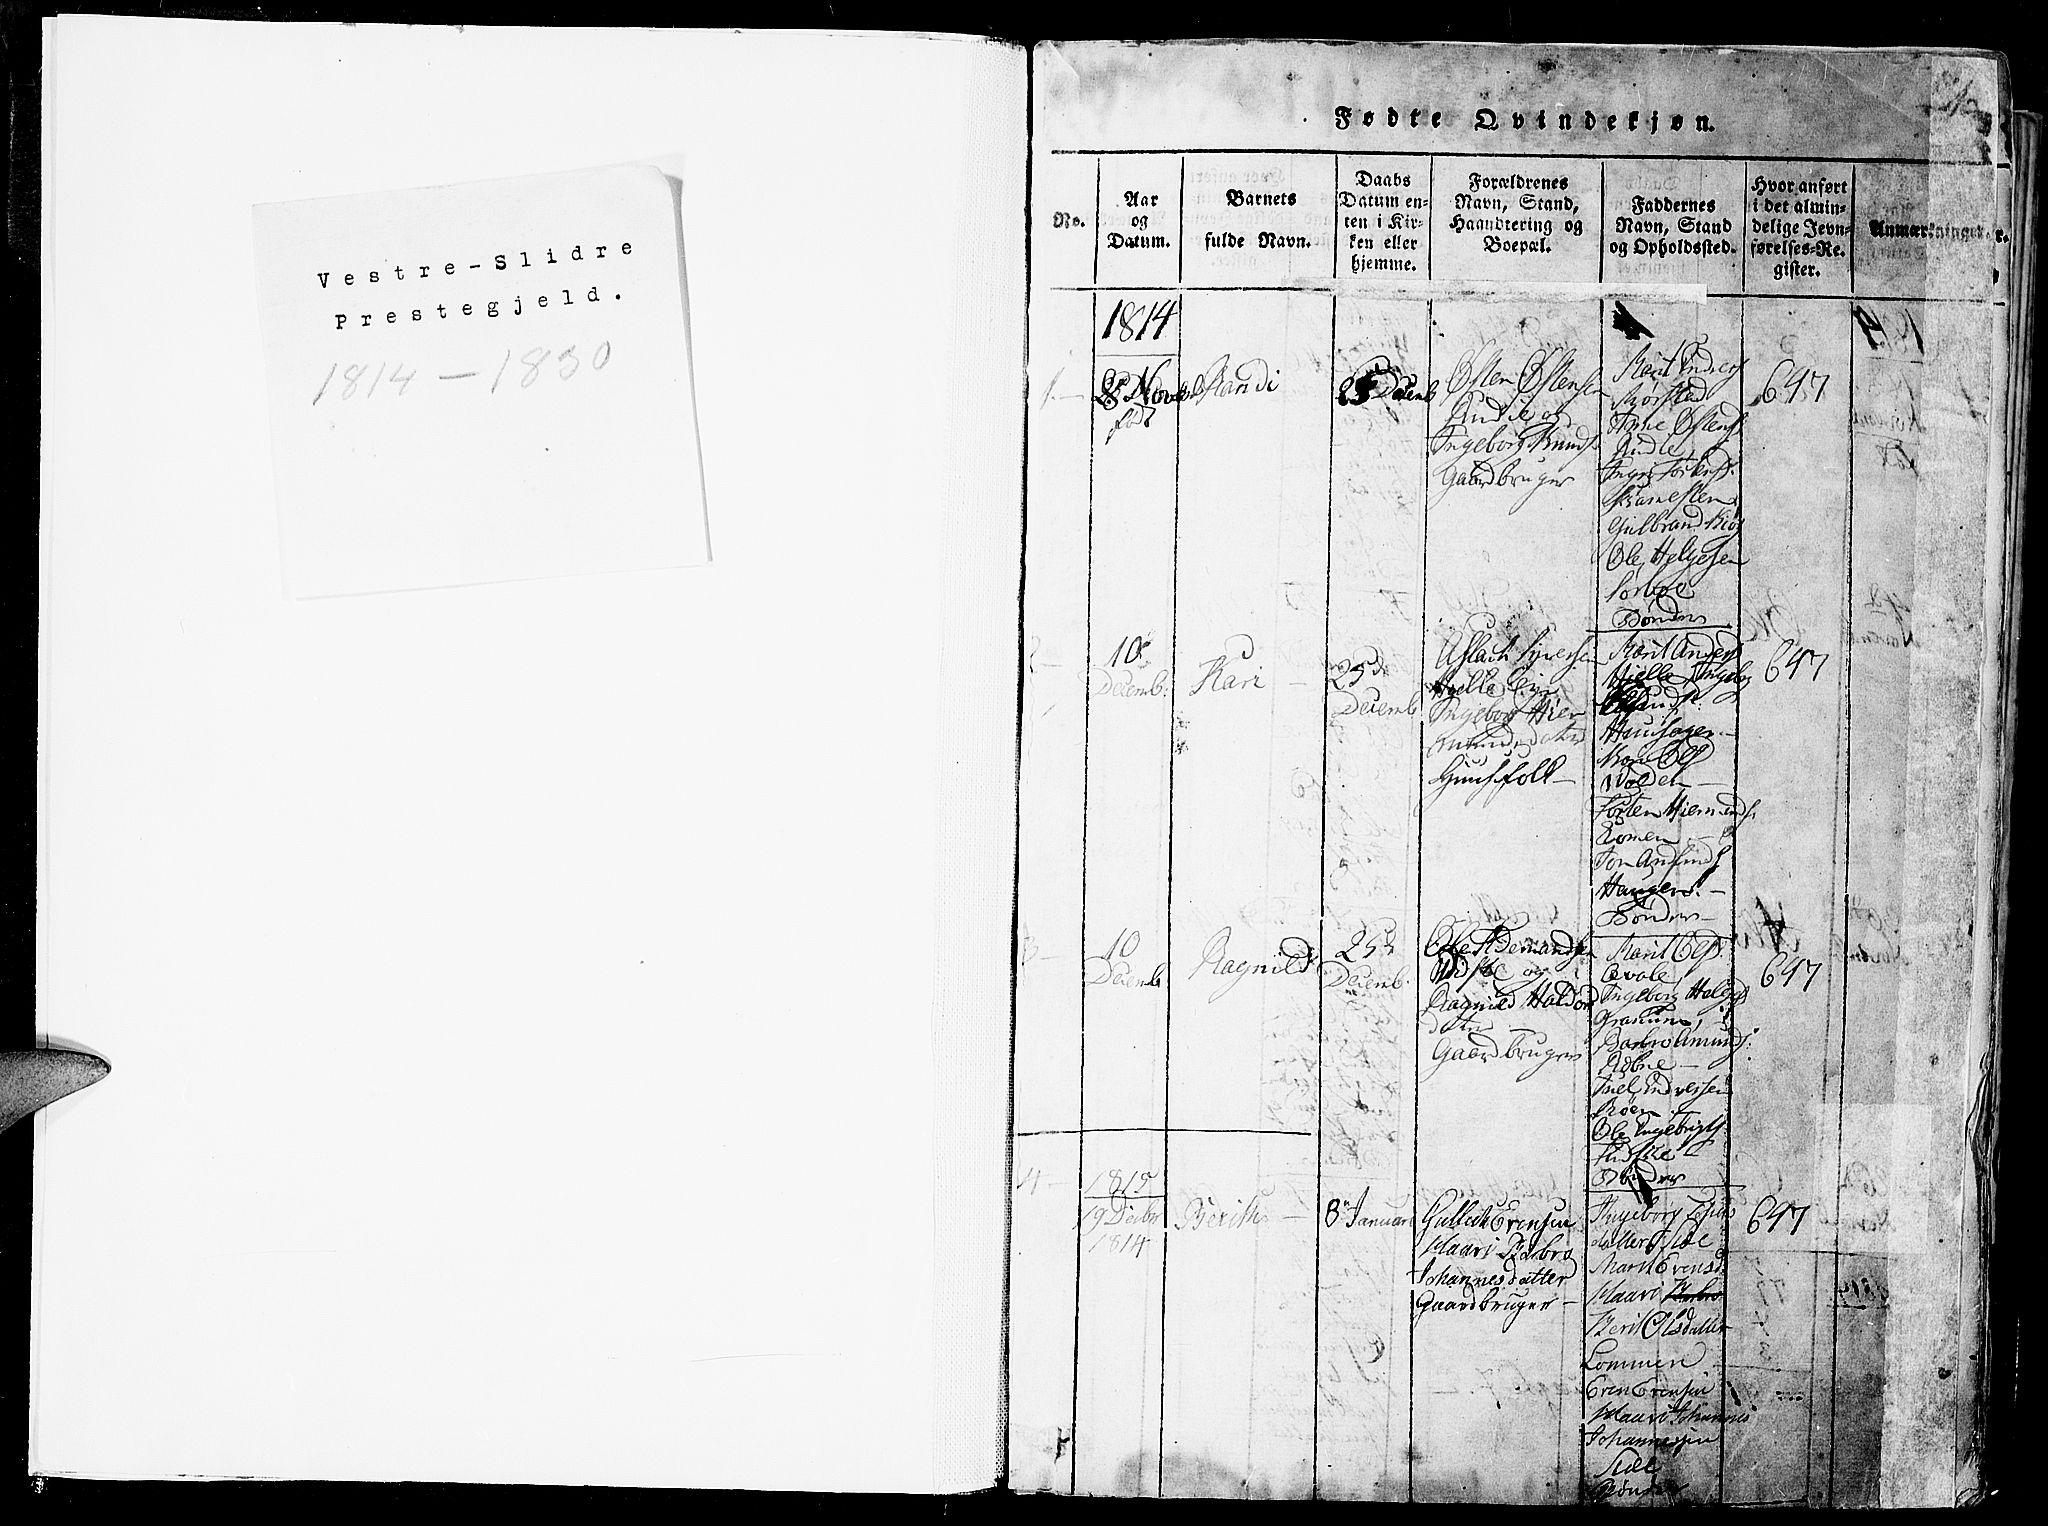 SAH, Slidre prestekontor, Ministerialbok nr. 2, 1814-1830, s. 0-1